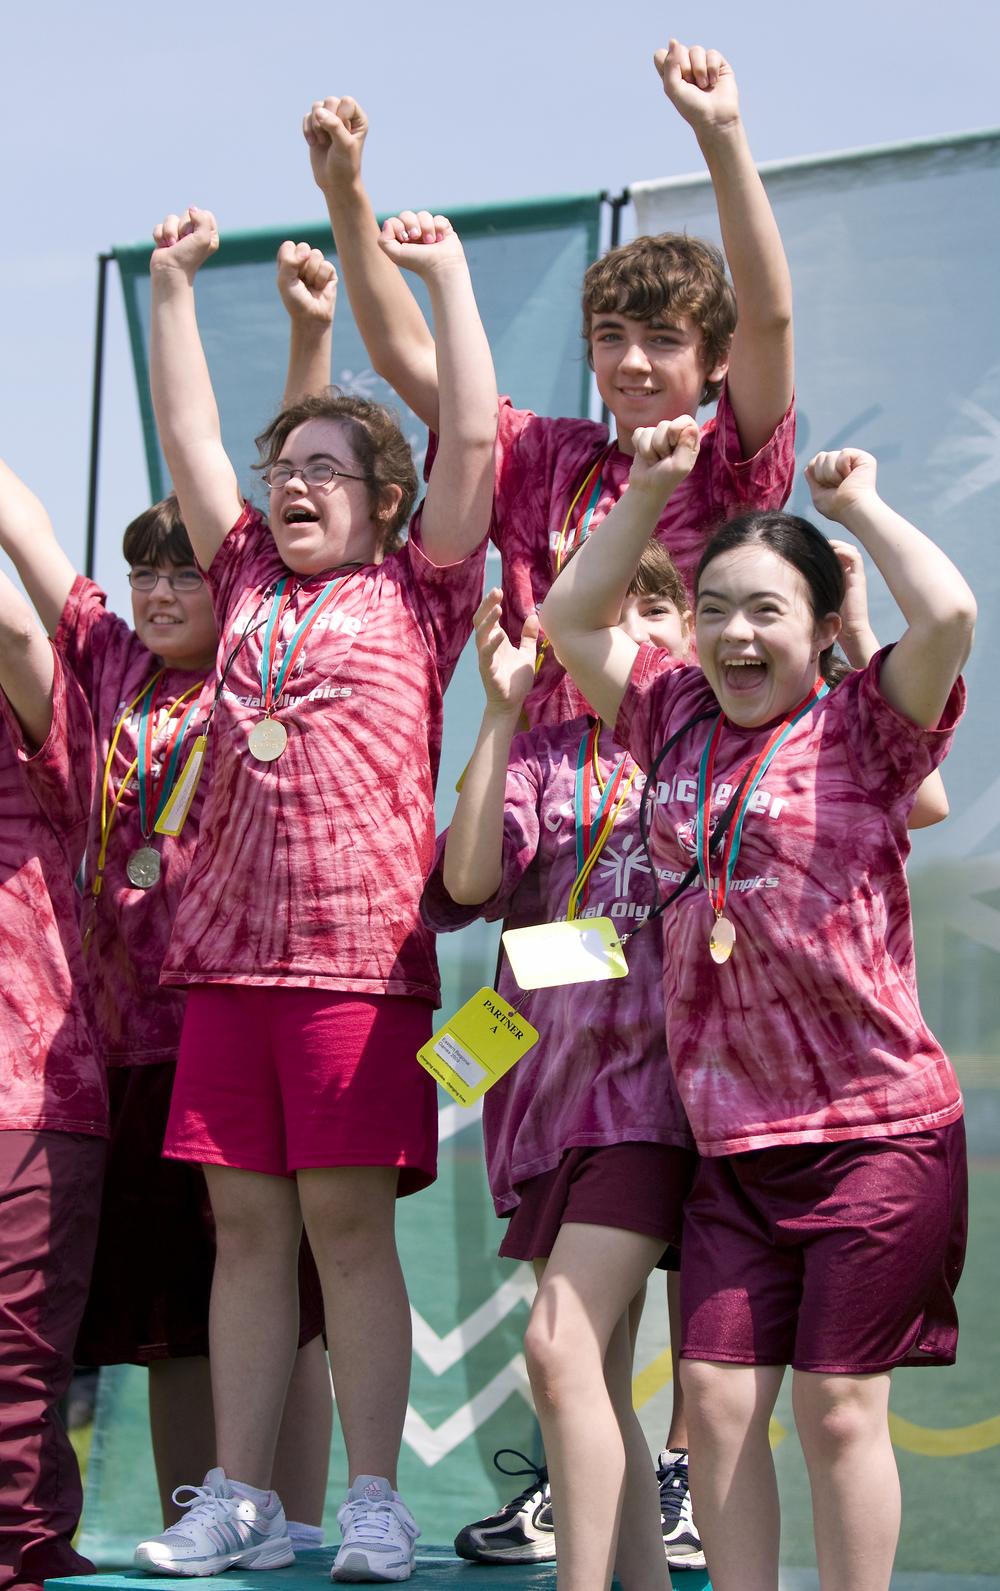 STT.SpecialOlympics05.052009.jpg